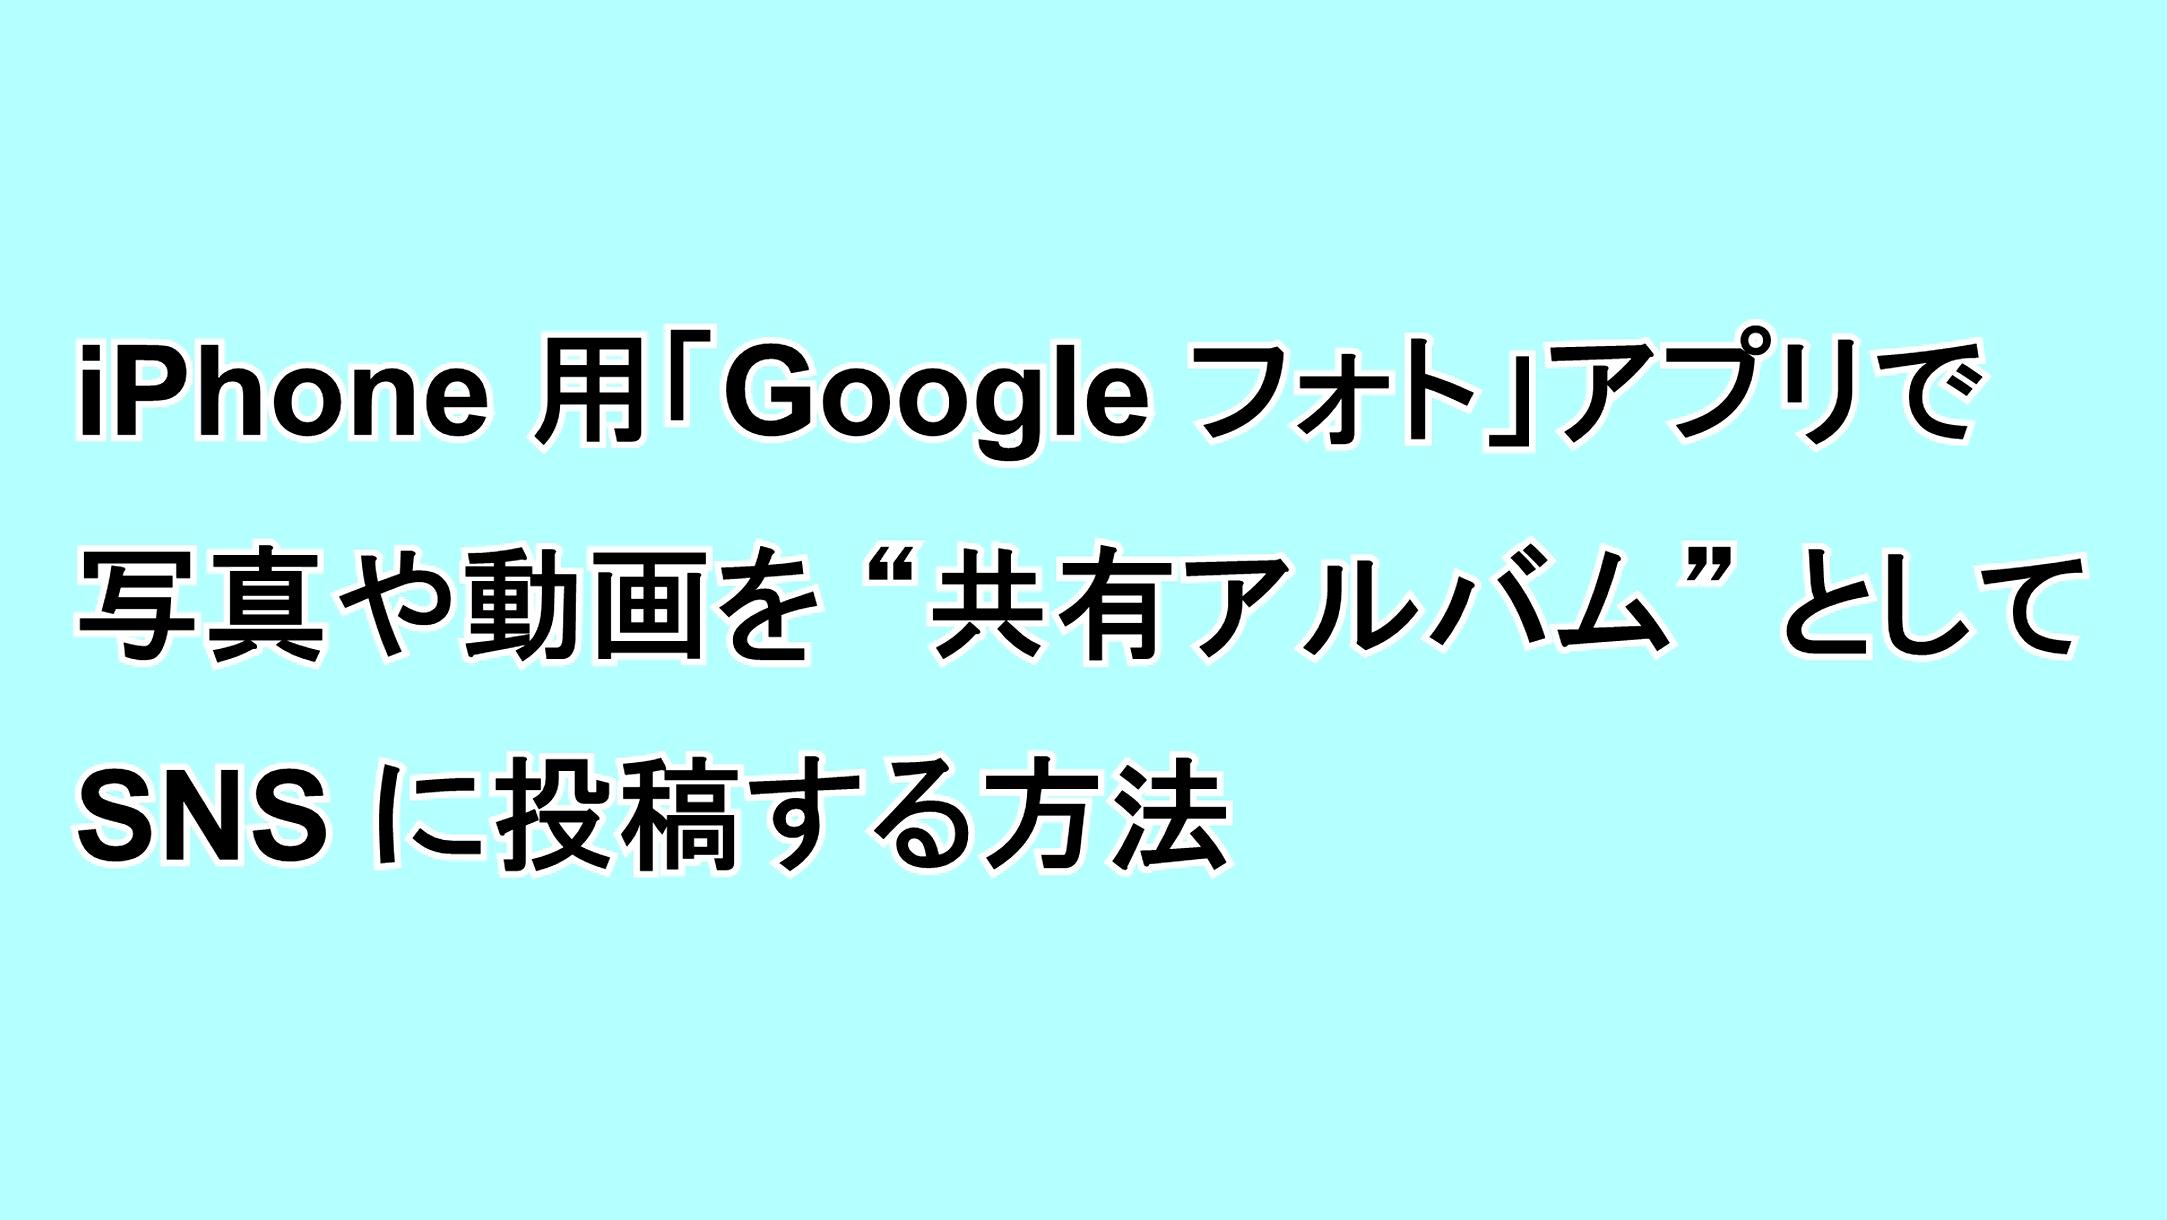 """iPhone用「Google フォト」アプリで写真や動画を""""共有アルバム""""としてSNSに投稿する方法"""